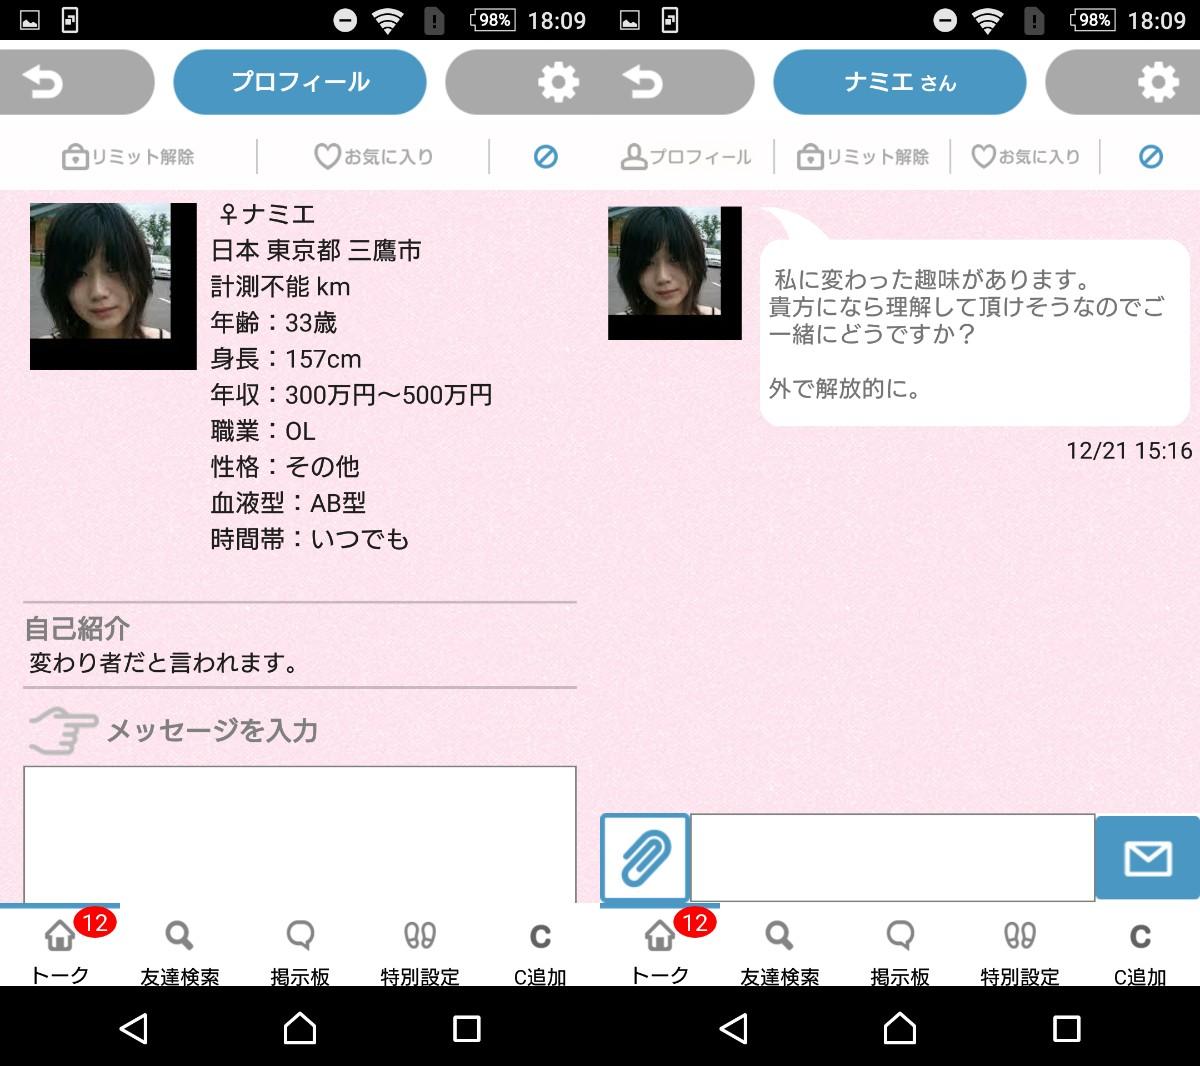 詐欺出会い系アプリ「MIX」サクラのナミエ